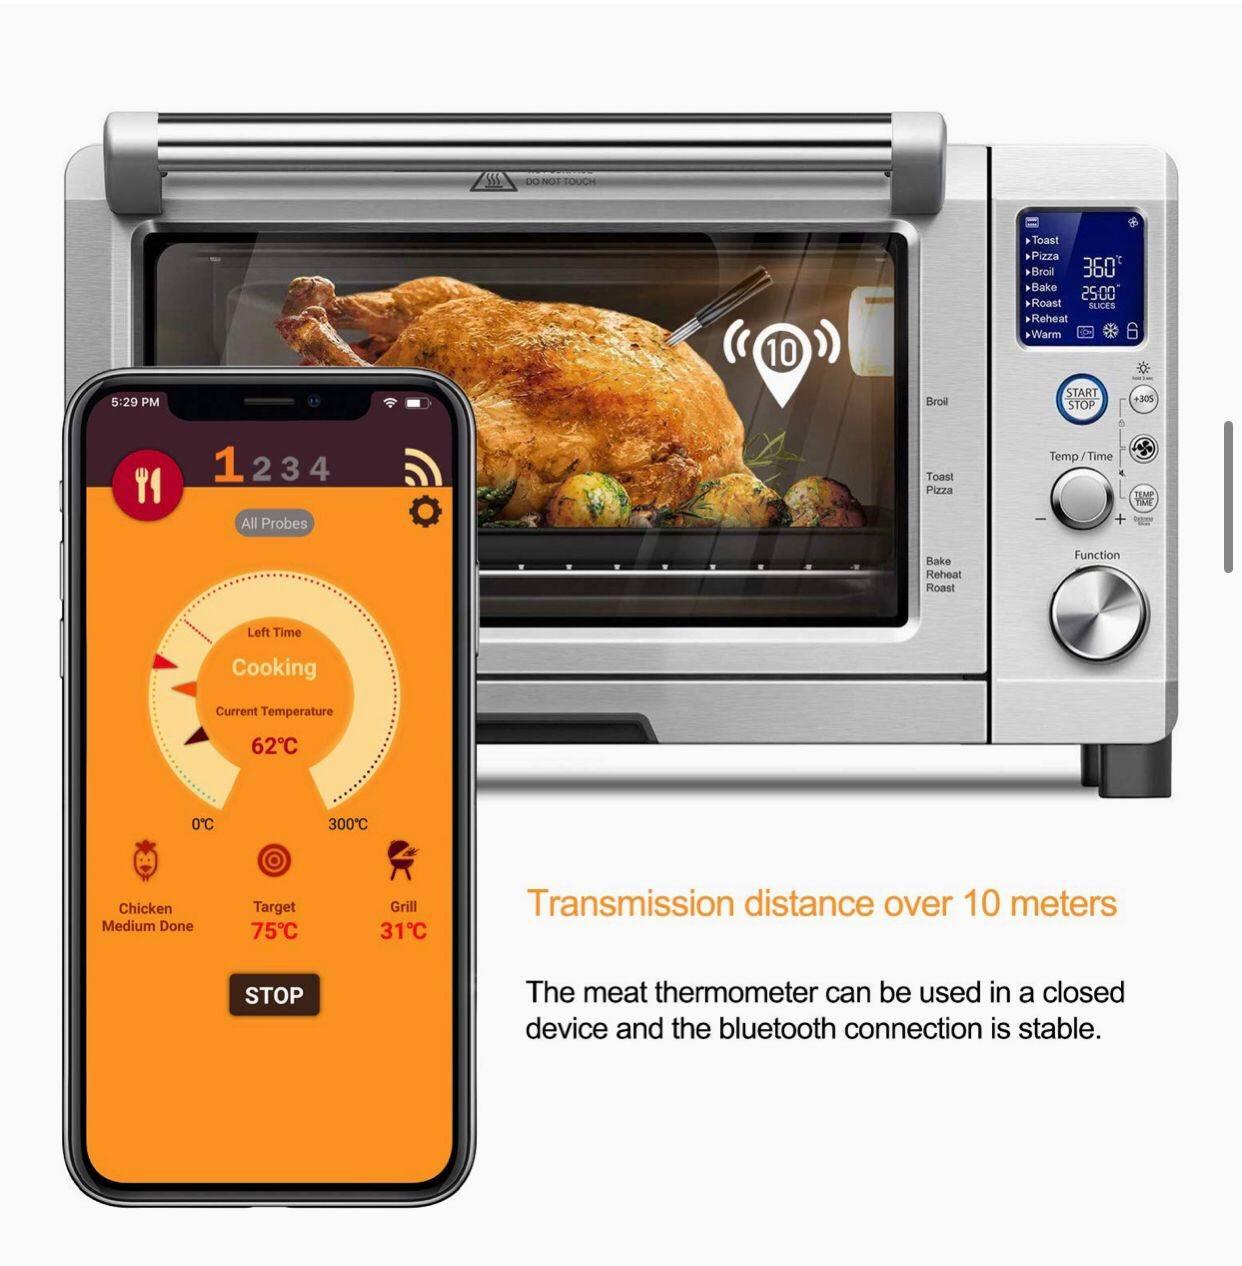 वायरलेस रिमोट के साथ डिजिटल रसोई जांच खाना पकाने खाद्य मांस थर्मामीटर धूम्रपान न करने के लिए दोहरी जांच ग्रिल BBQ थर्मामीटर